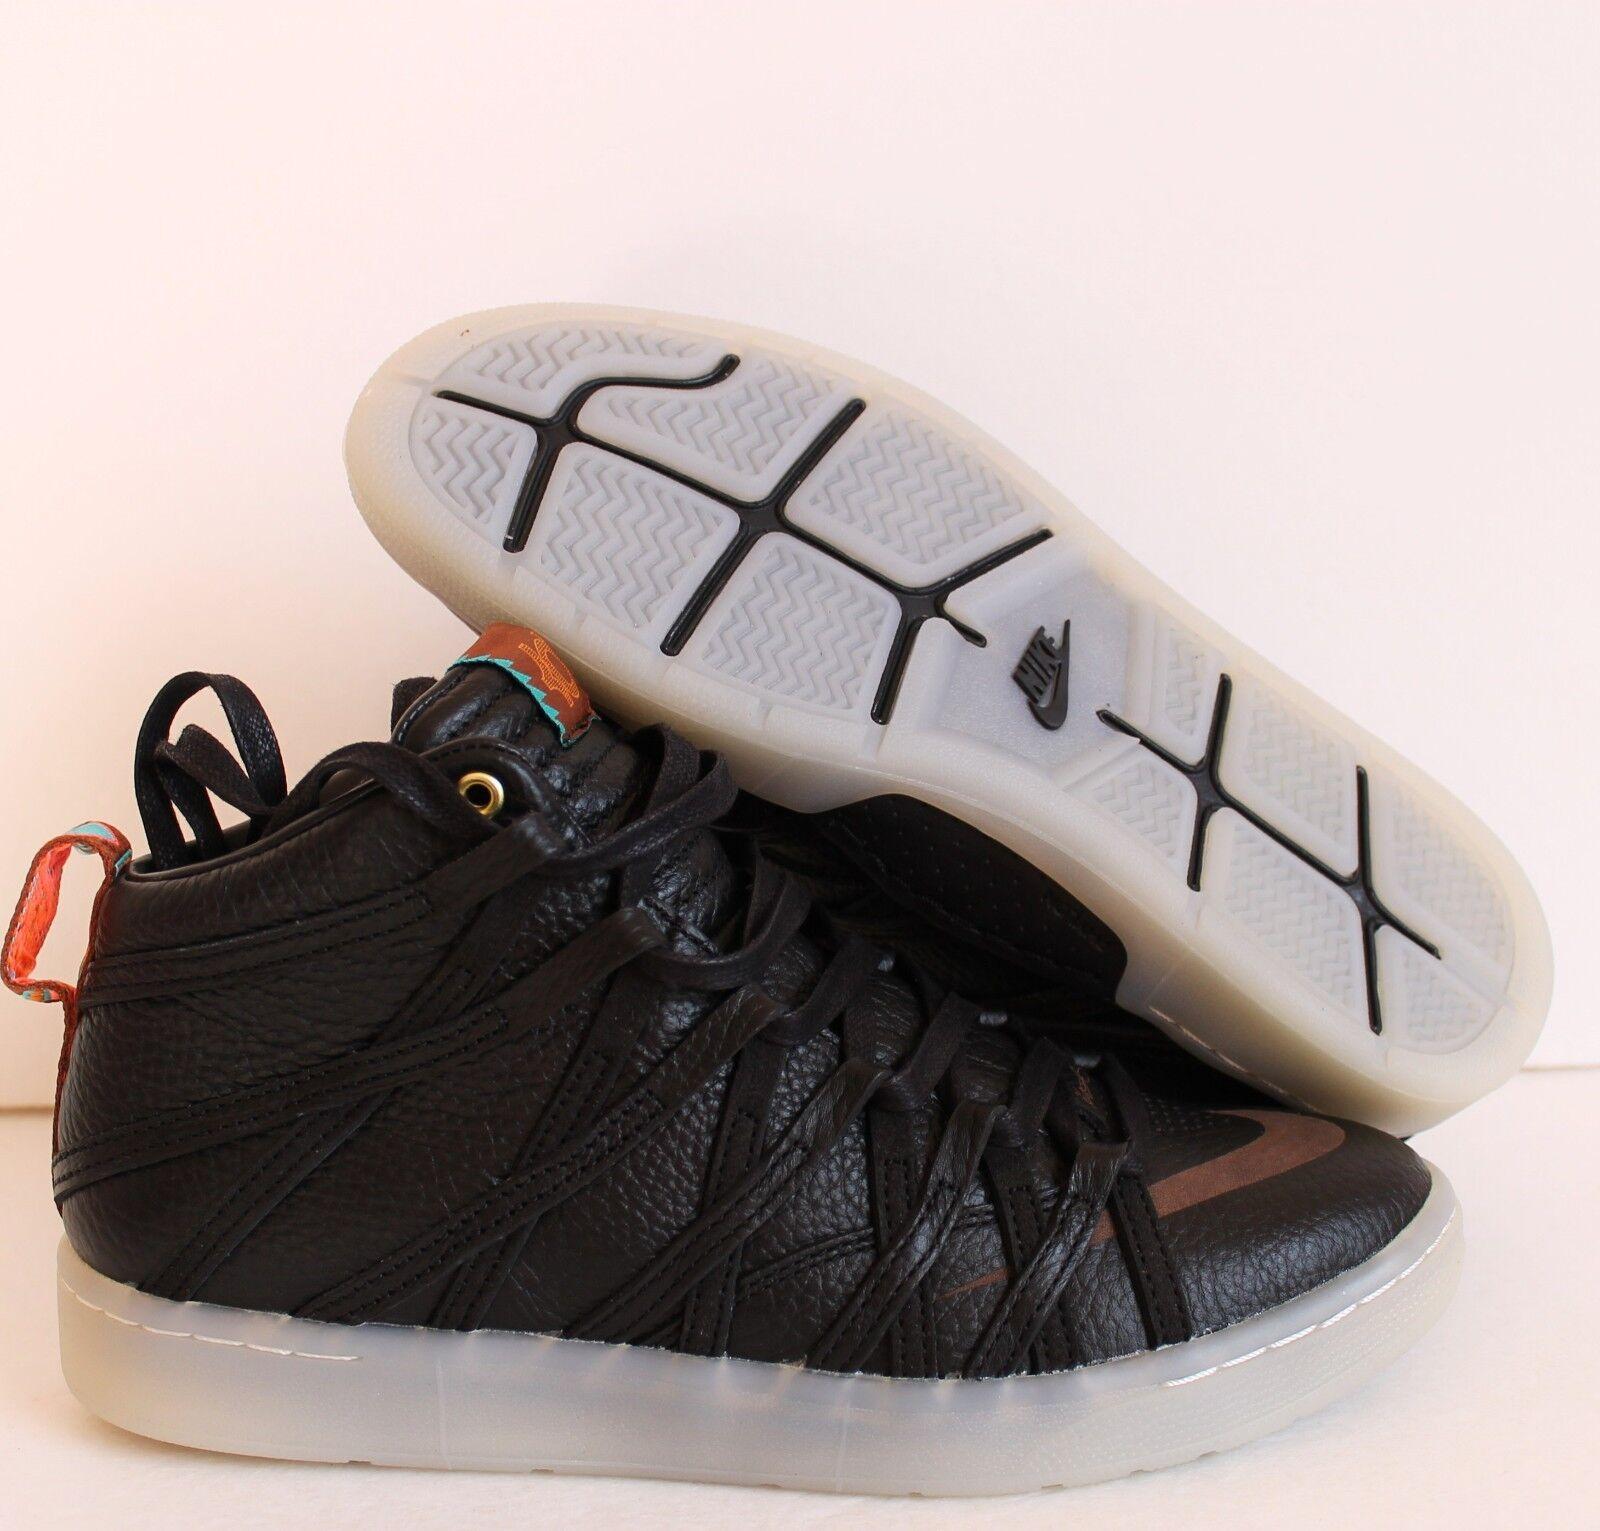 Nike Kd Vii Oro Nsw Lifestyle Qs Negrometallic Oro Vii [ 6538720181 ] 38282e